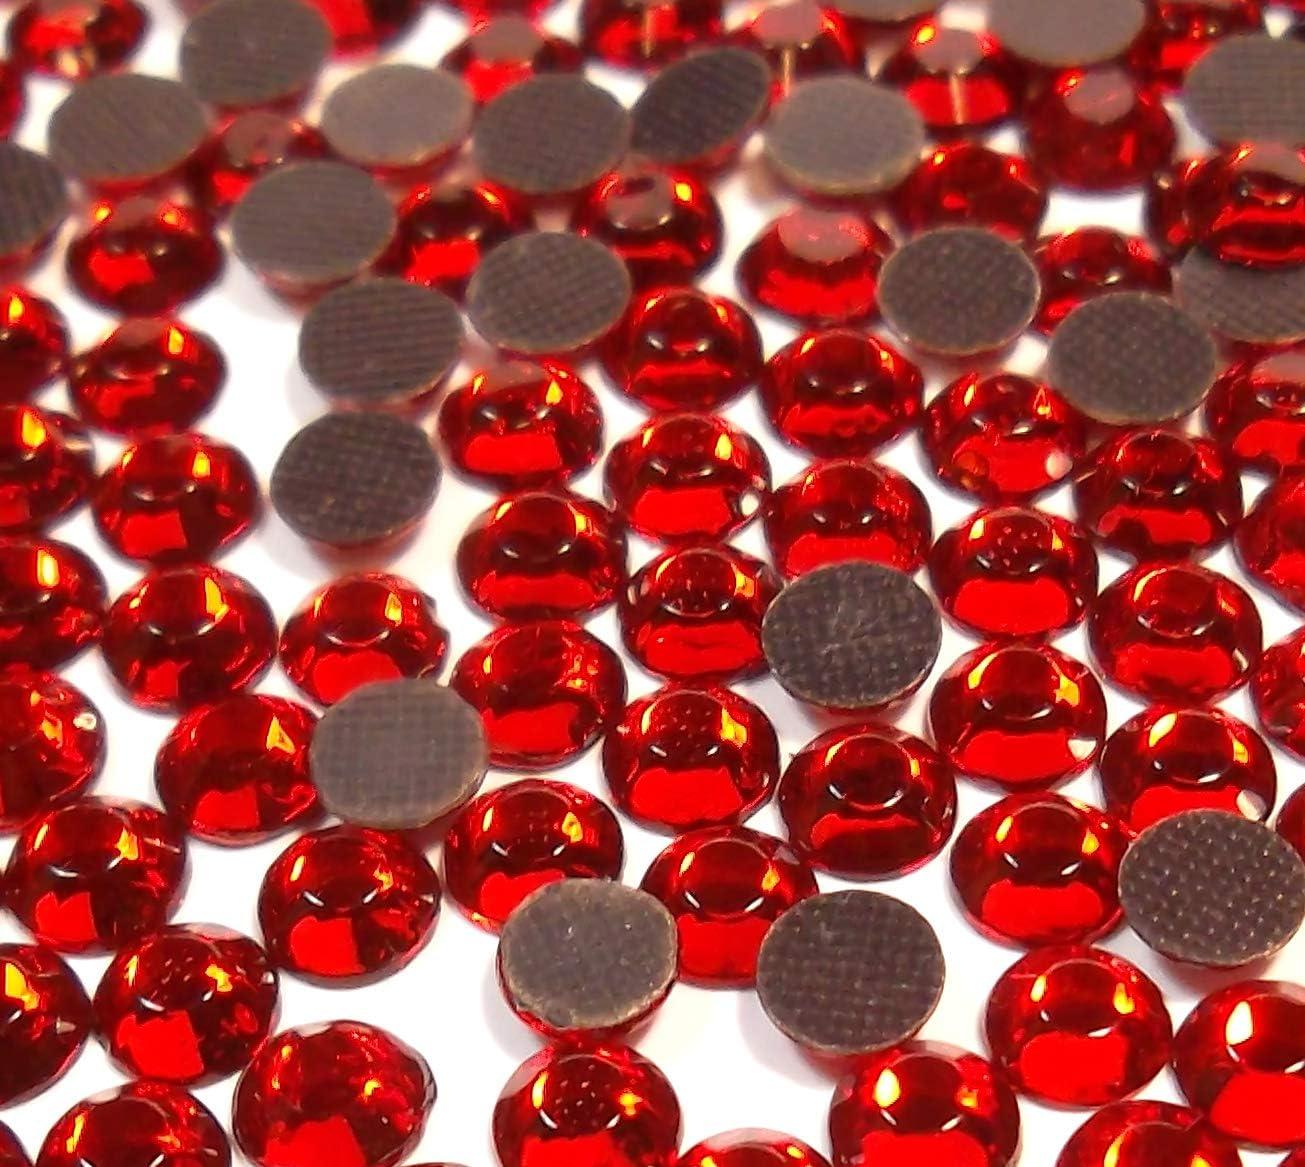 Perlin – Piedras de estrás Hotfix, color rojo, 1440 unidades, 6 mm, SS30, para planchar, Hotglue, piedras brillantes, perlas de cristal